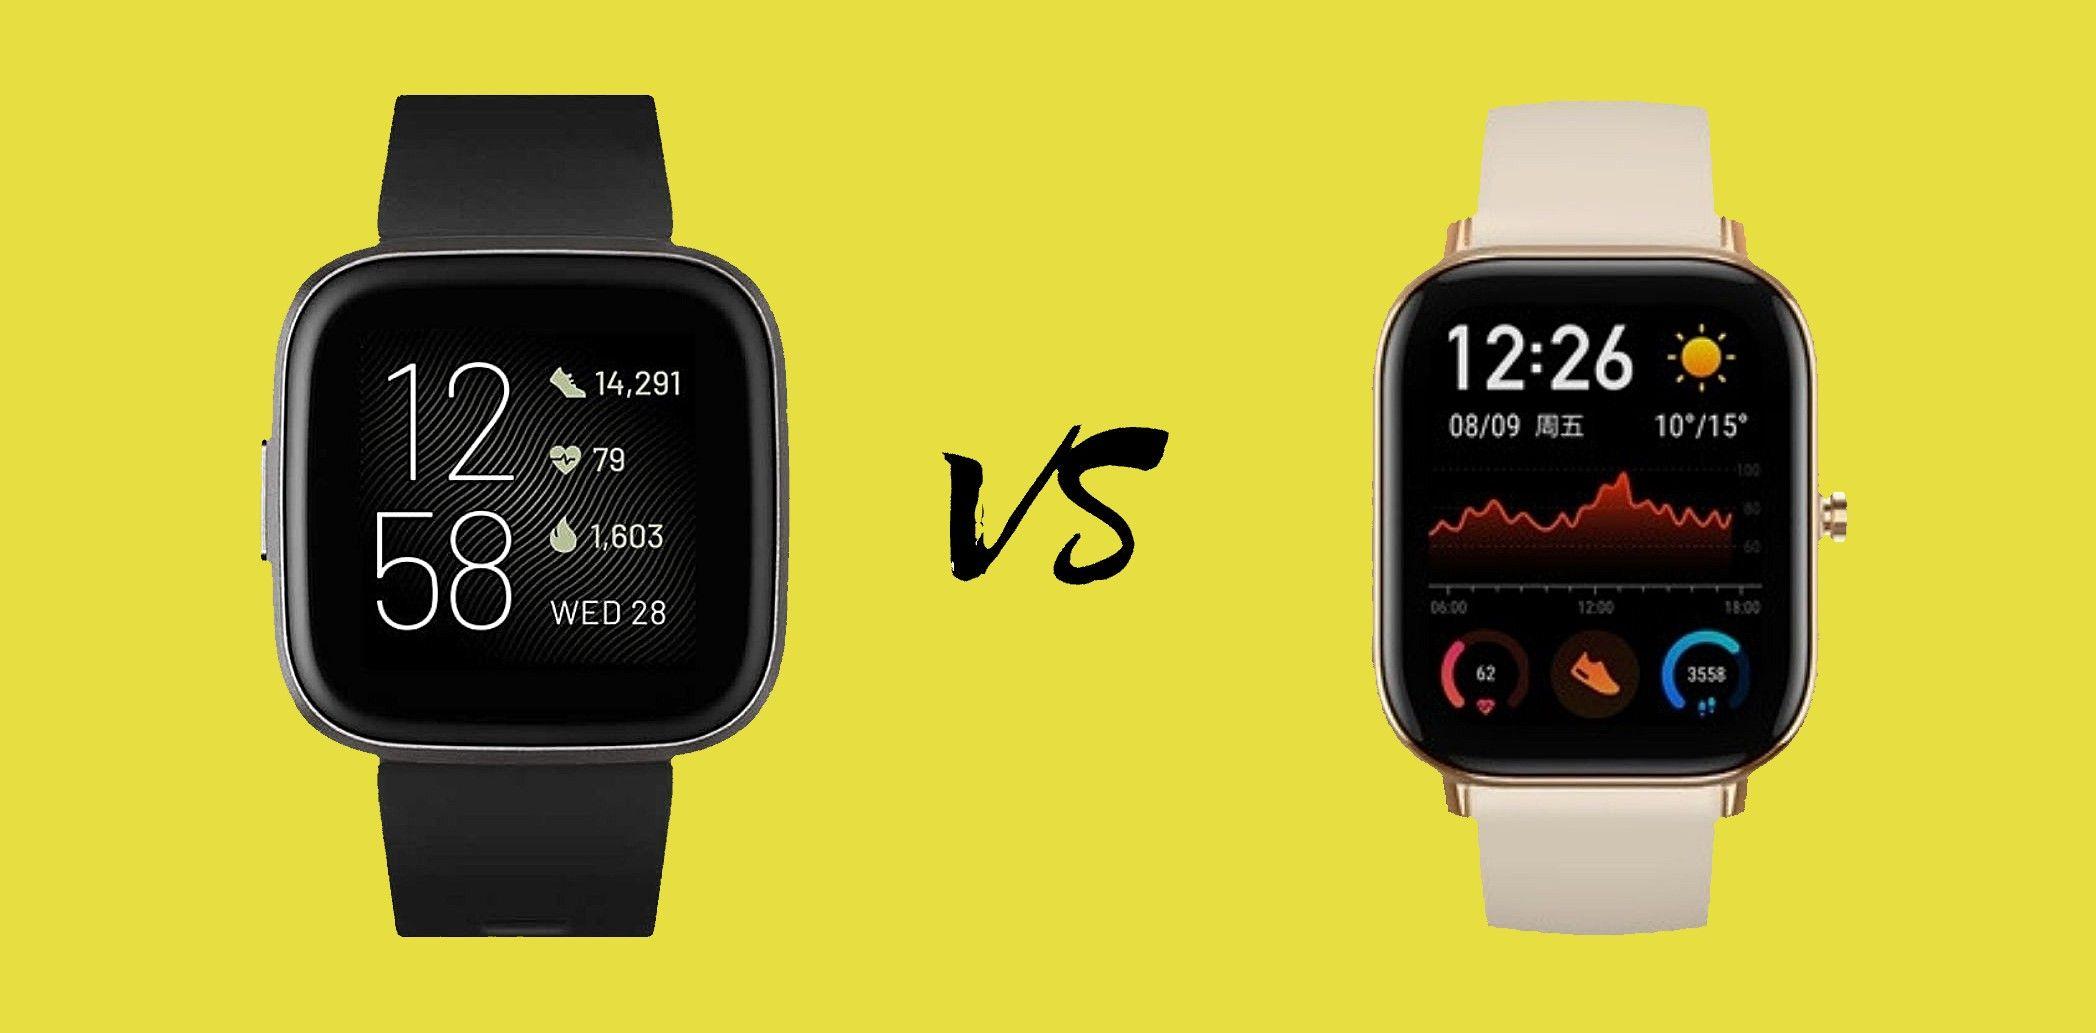 Fitbit Versa 2 Vs Amazfit Gts Análisis Comparativo Con Características Precios Y Opinión Fitbit Smartwatch Analisis Comparativo